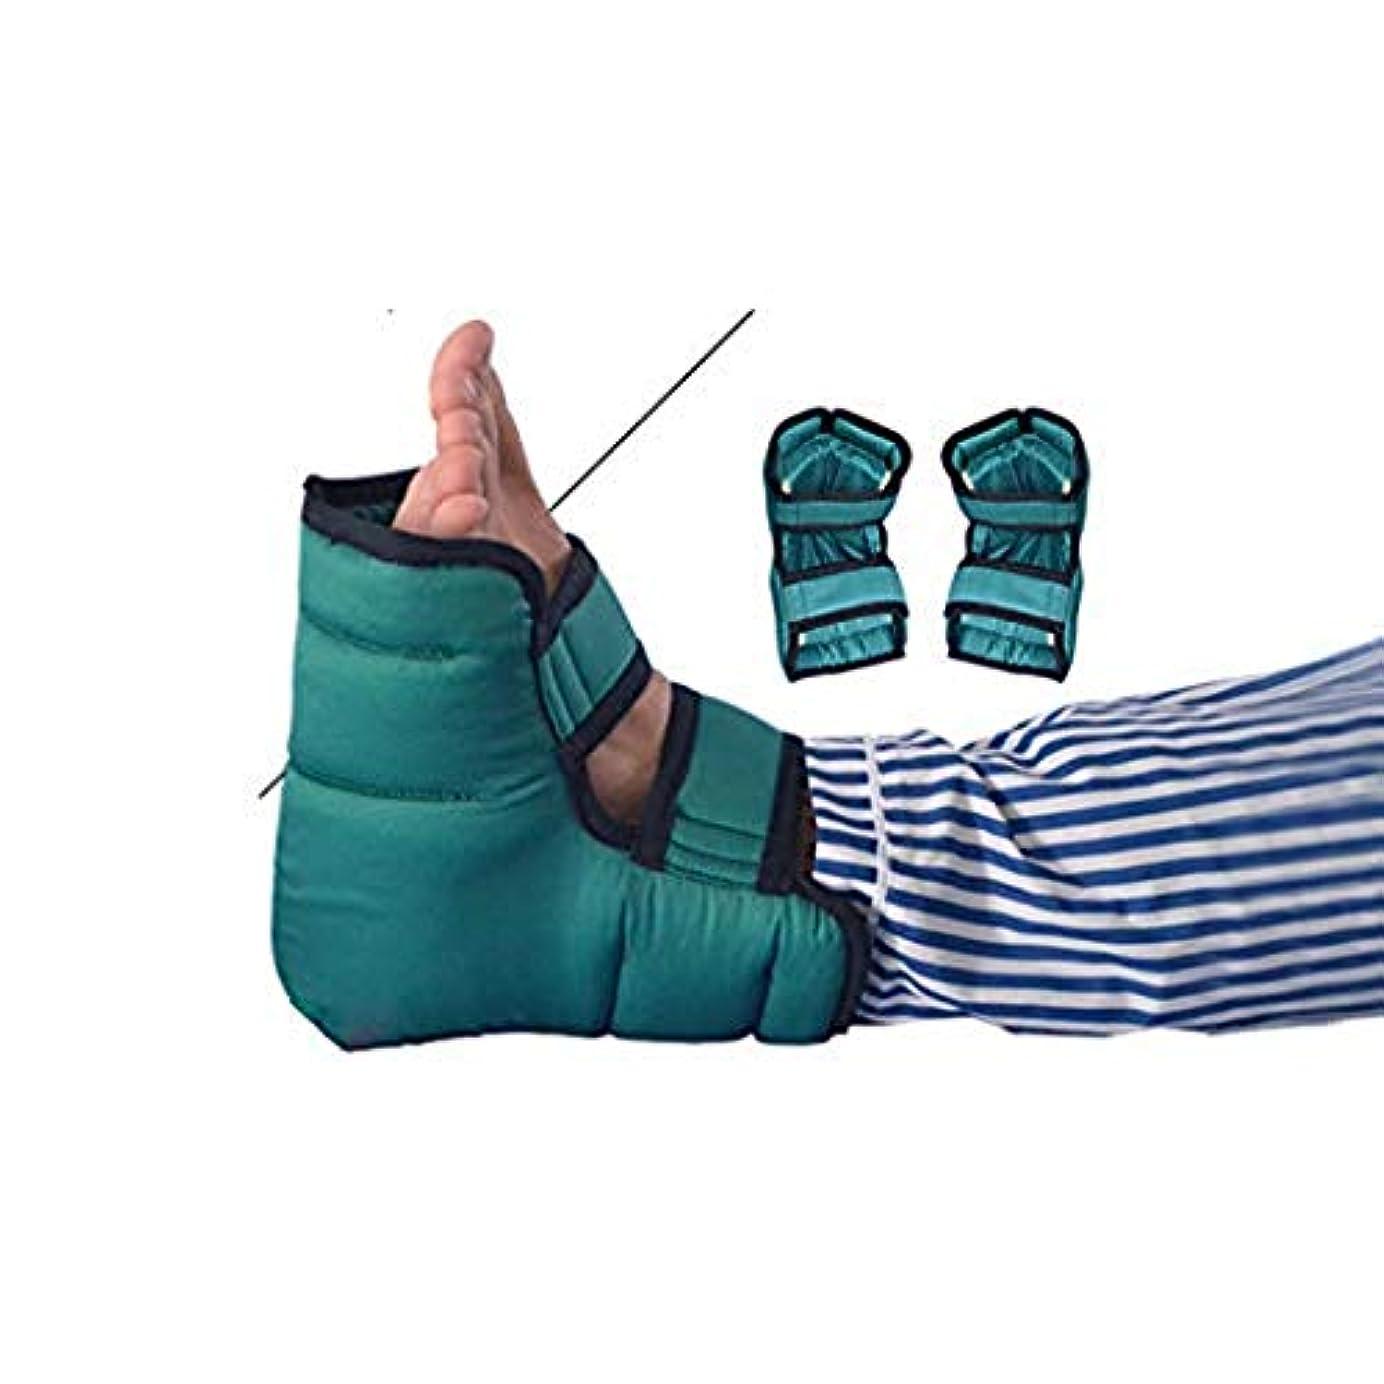 関税ボアイタリアのかかと潰瘍からの圧力を和らげるヒールクッションプロテクター枕、大人サイズのヒールクッションプロテクター-足と足首のピローガードのペア